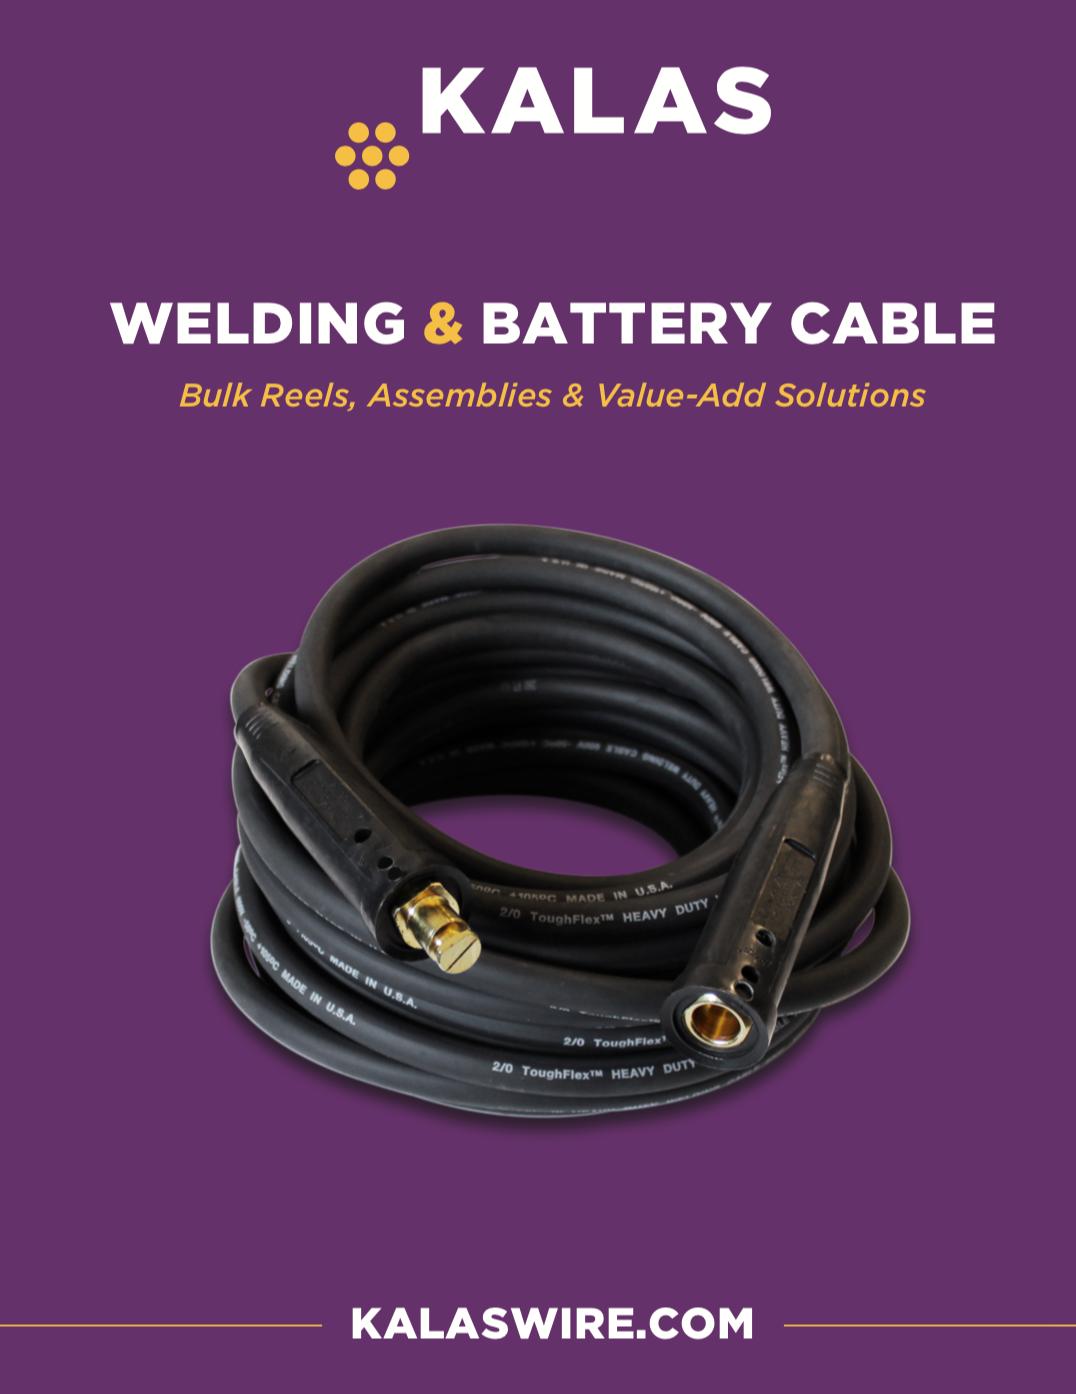 Kalas Wire Cable Catalogs Kalas Wire